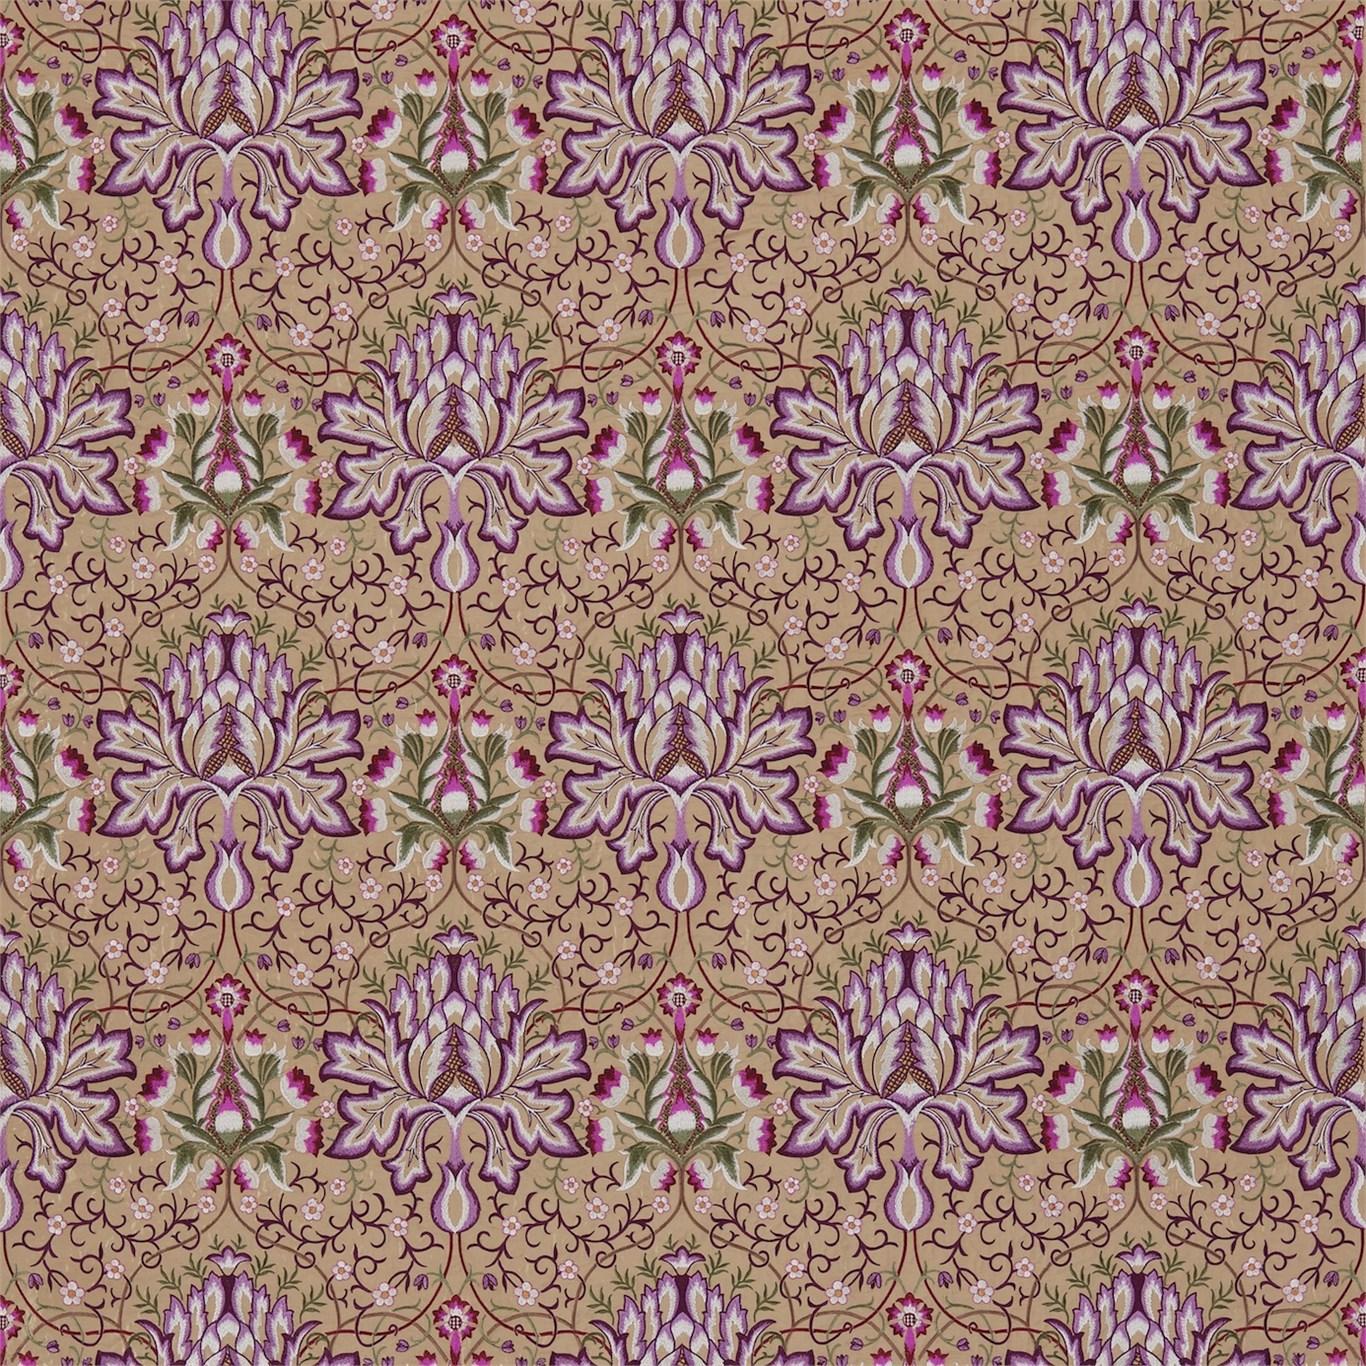 Artichoke Embroidery by MOR